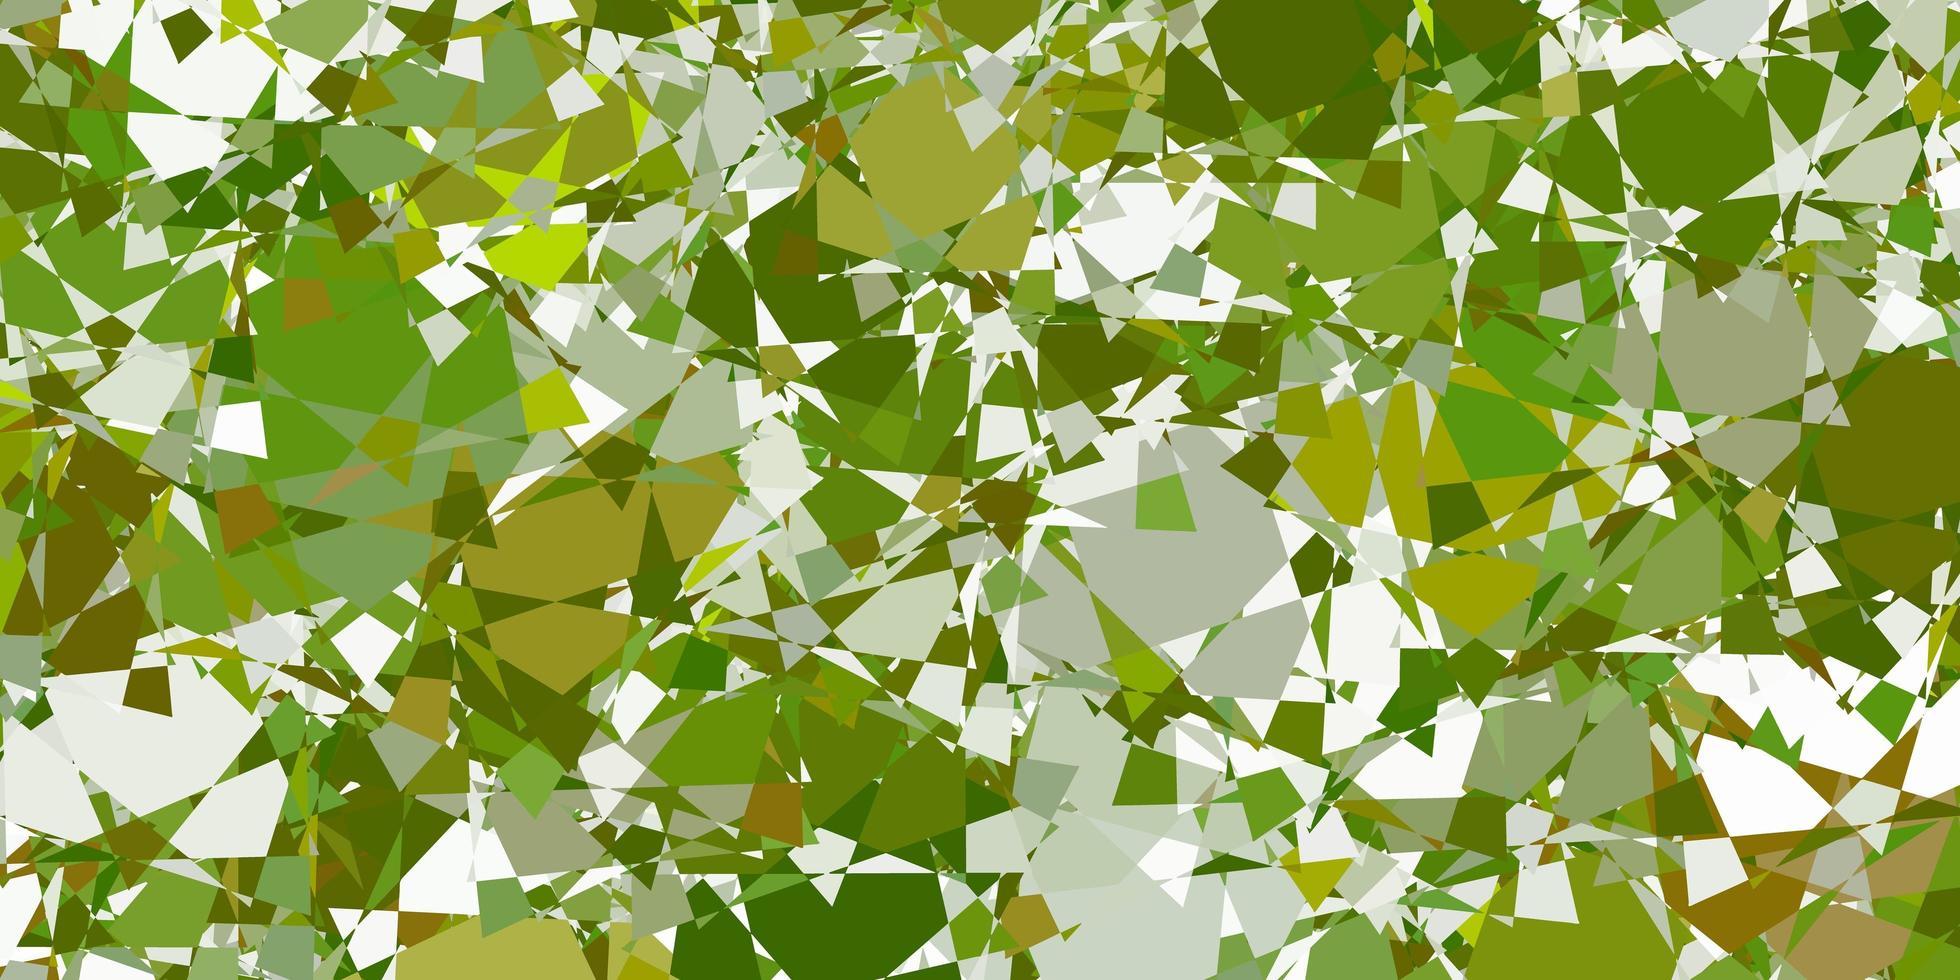 fundo vector verde claro com formas poligonais